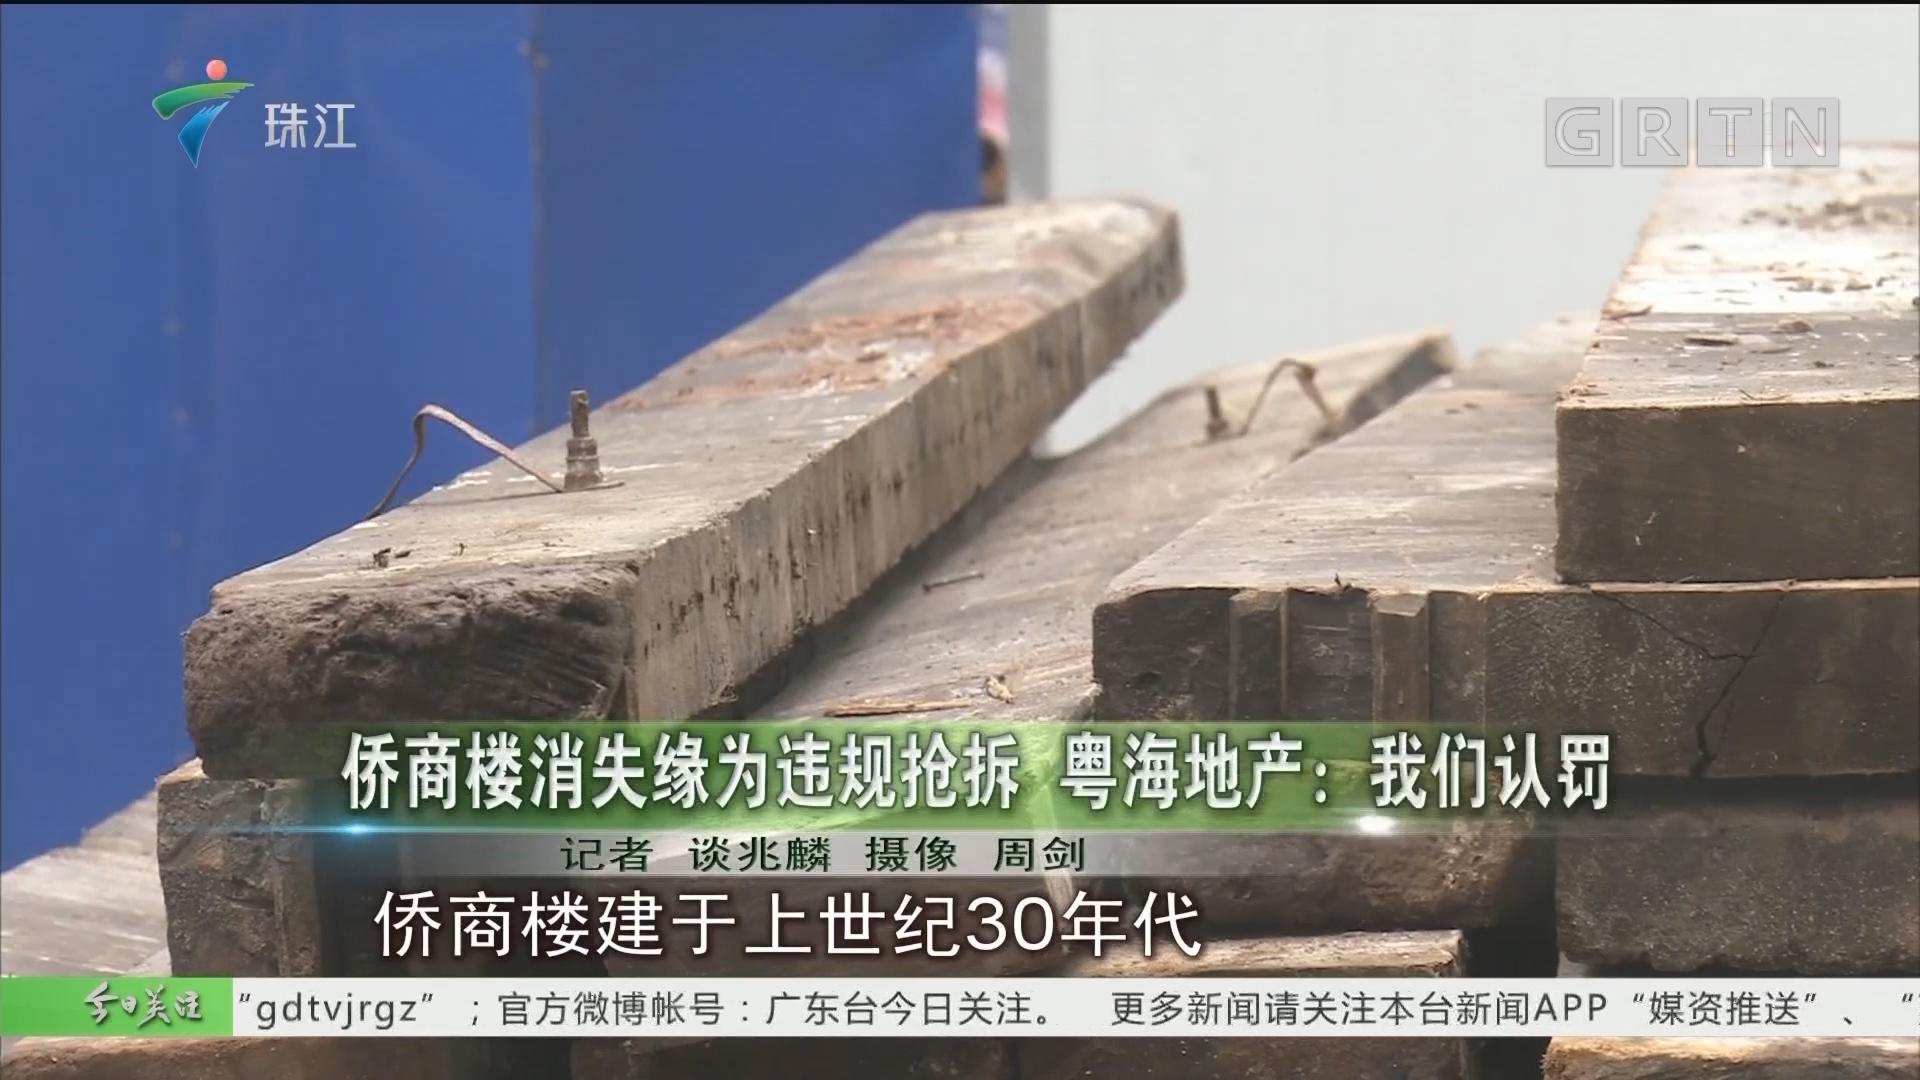 侨商楼消失缘为违规抢拆 粤海地产:我们认罚